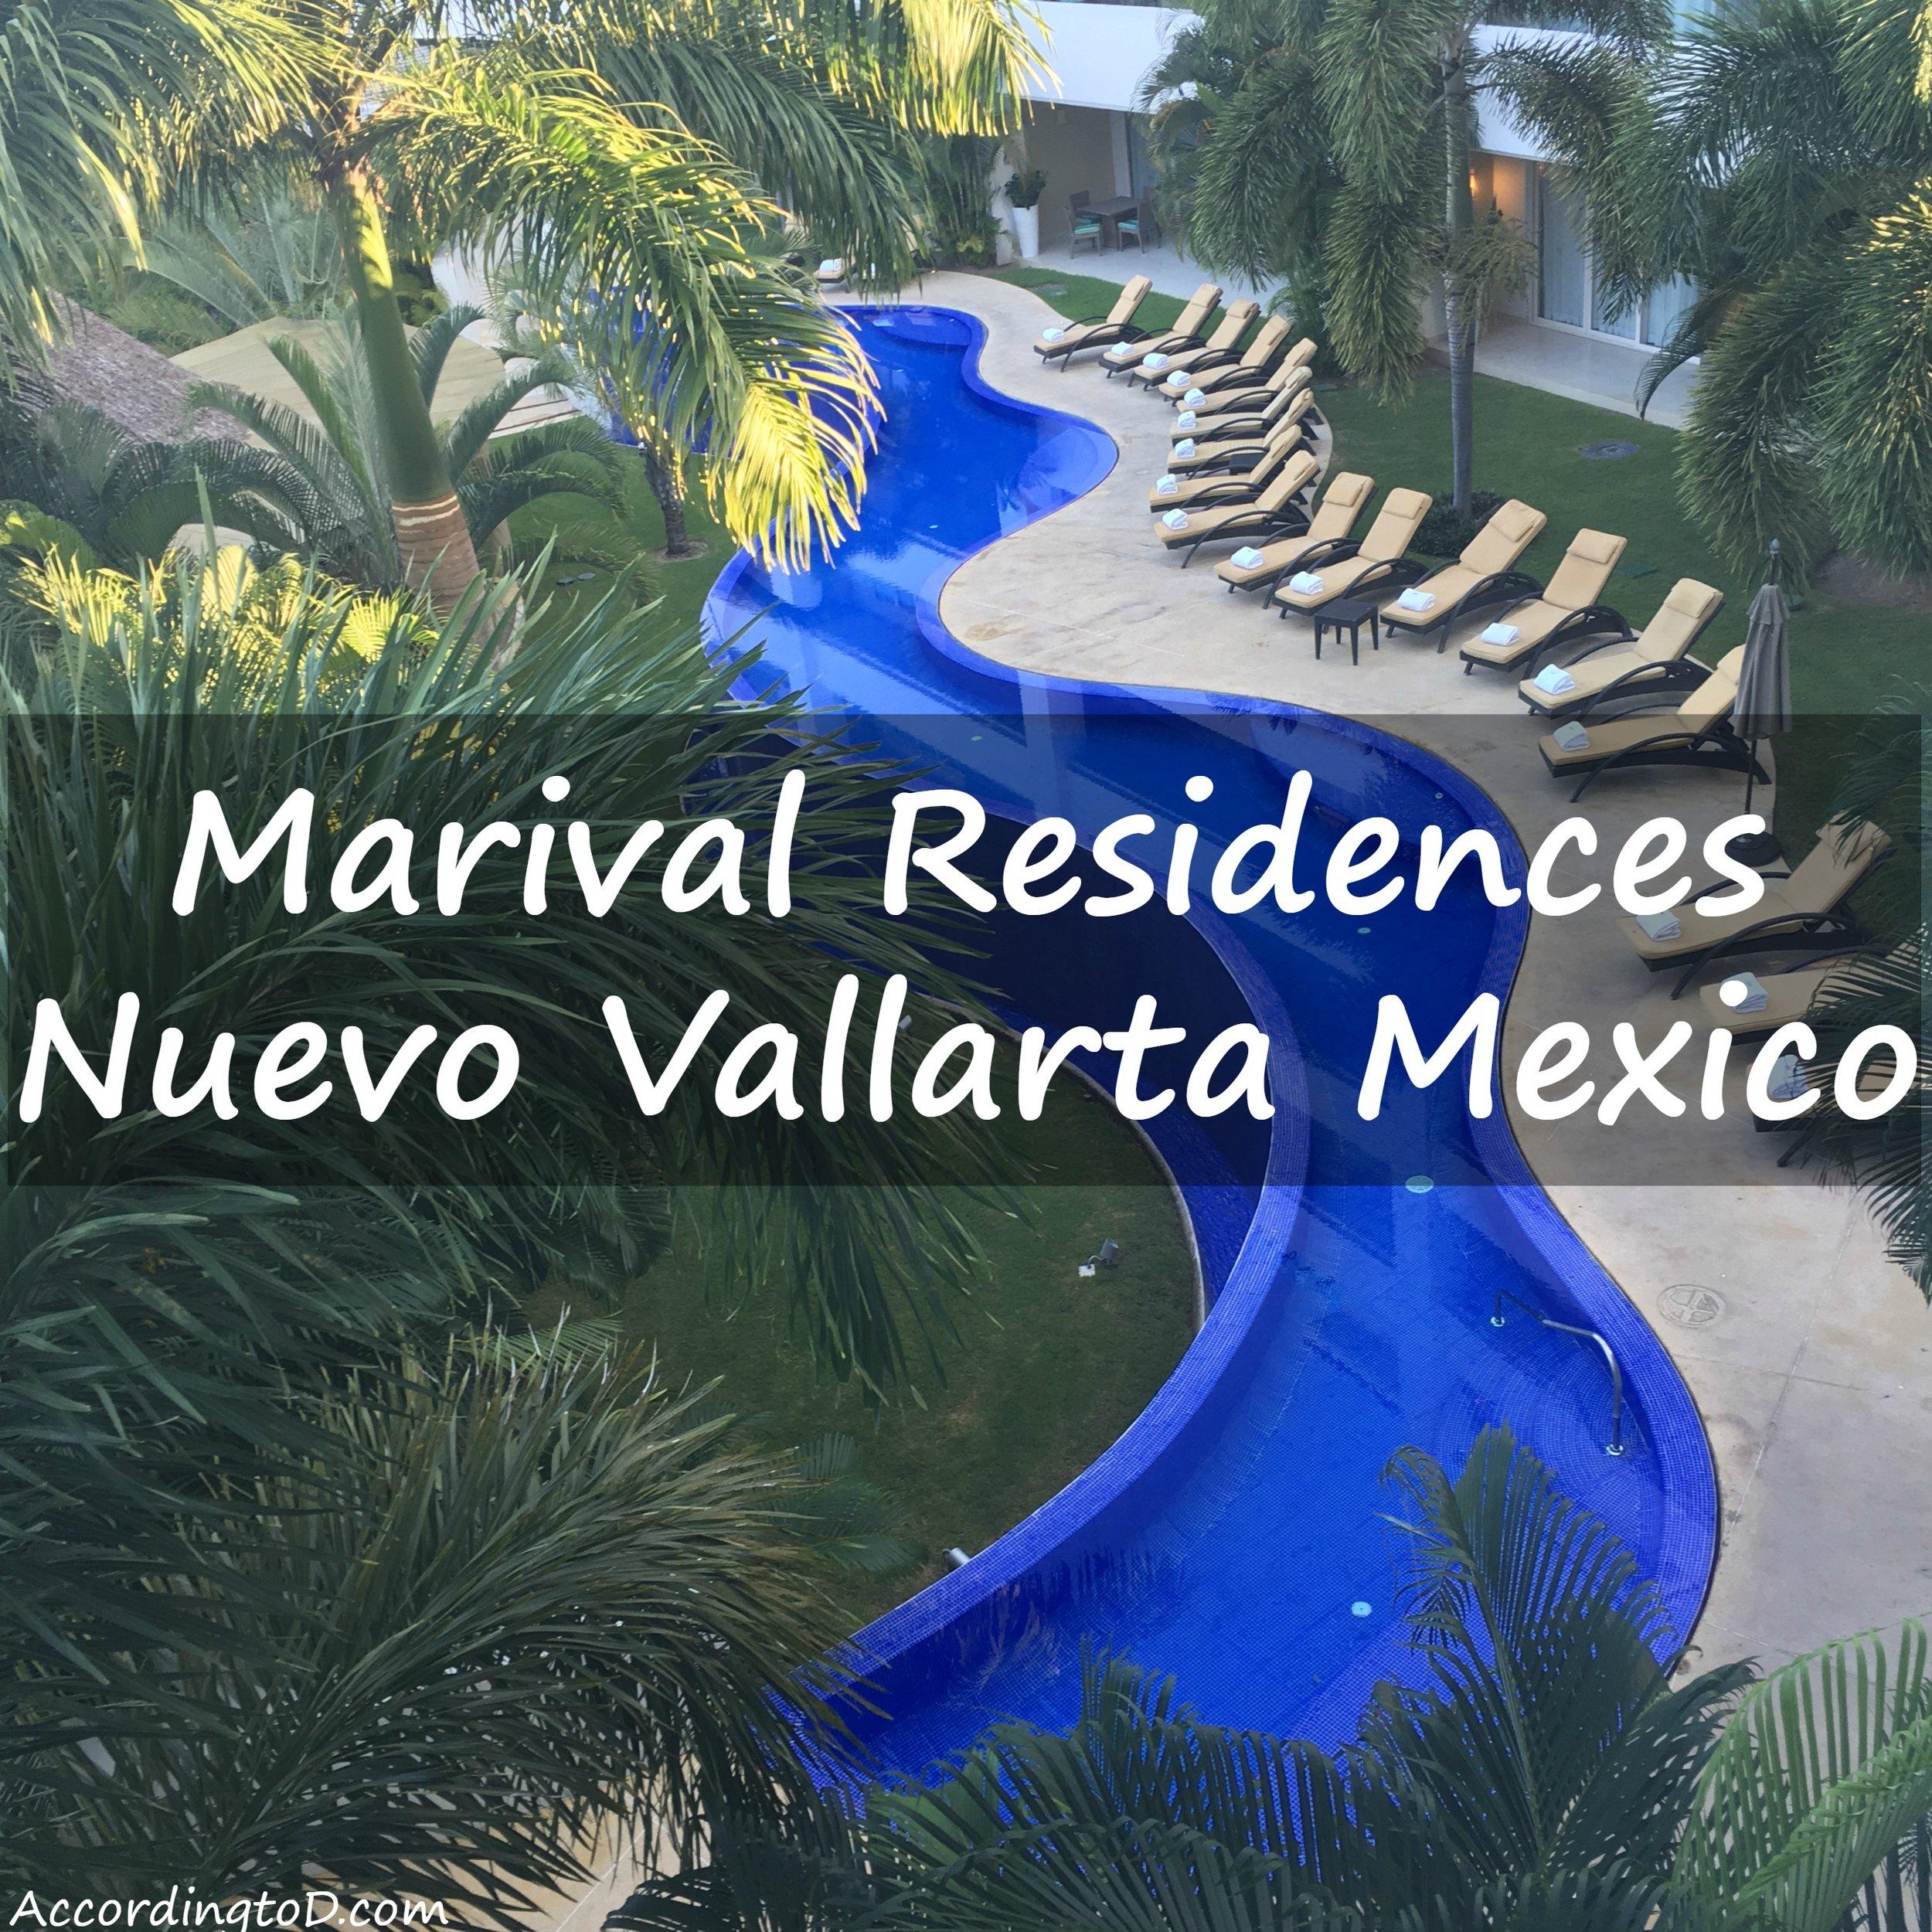 marival residences blog post.jpg